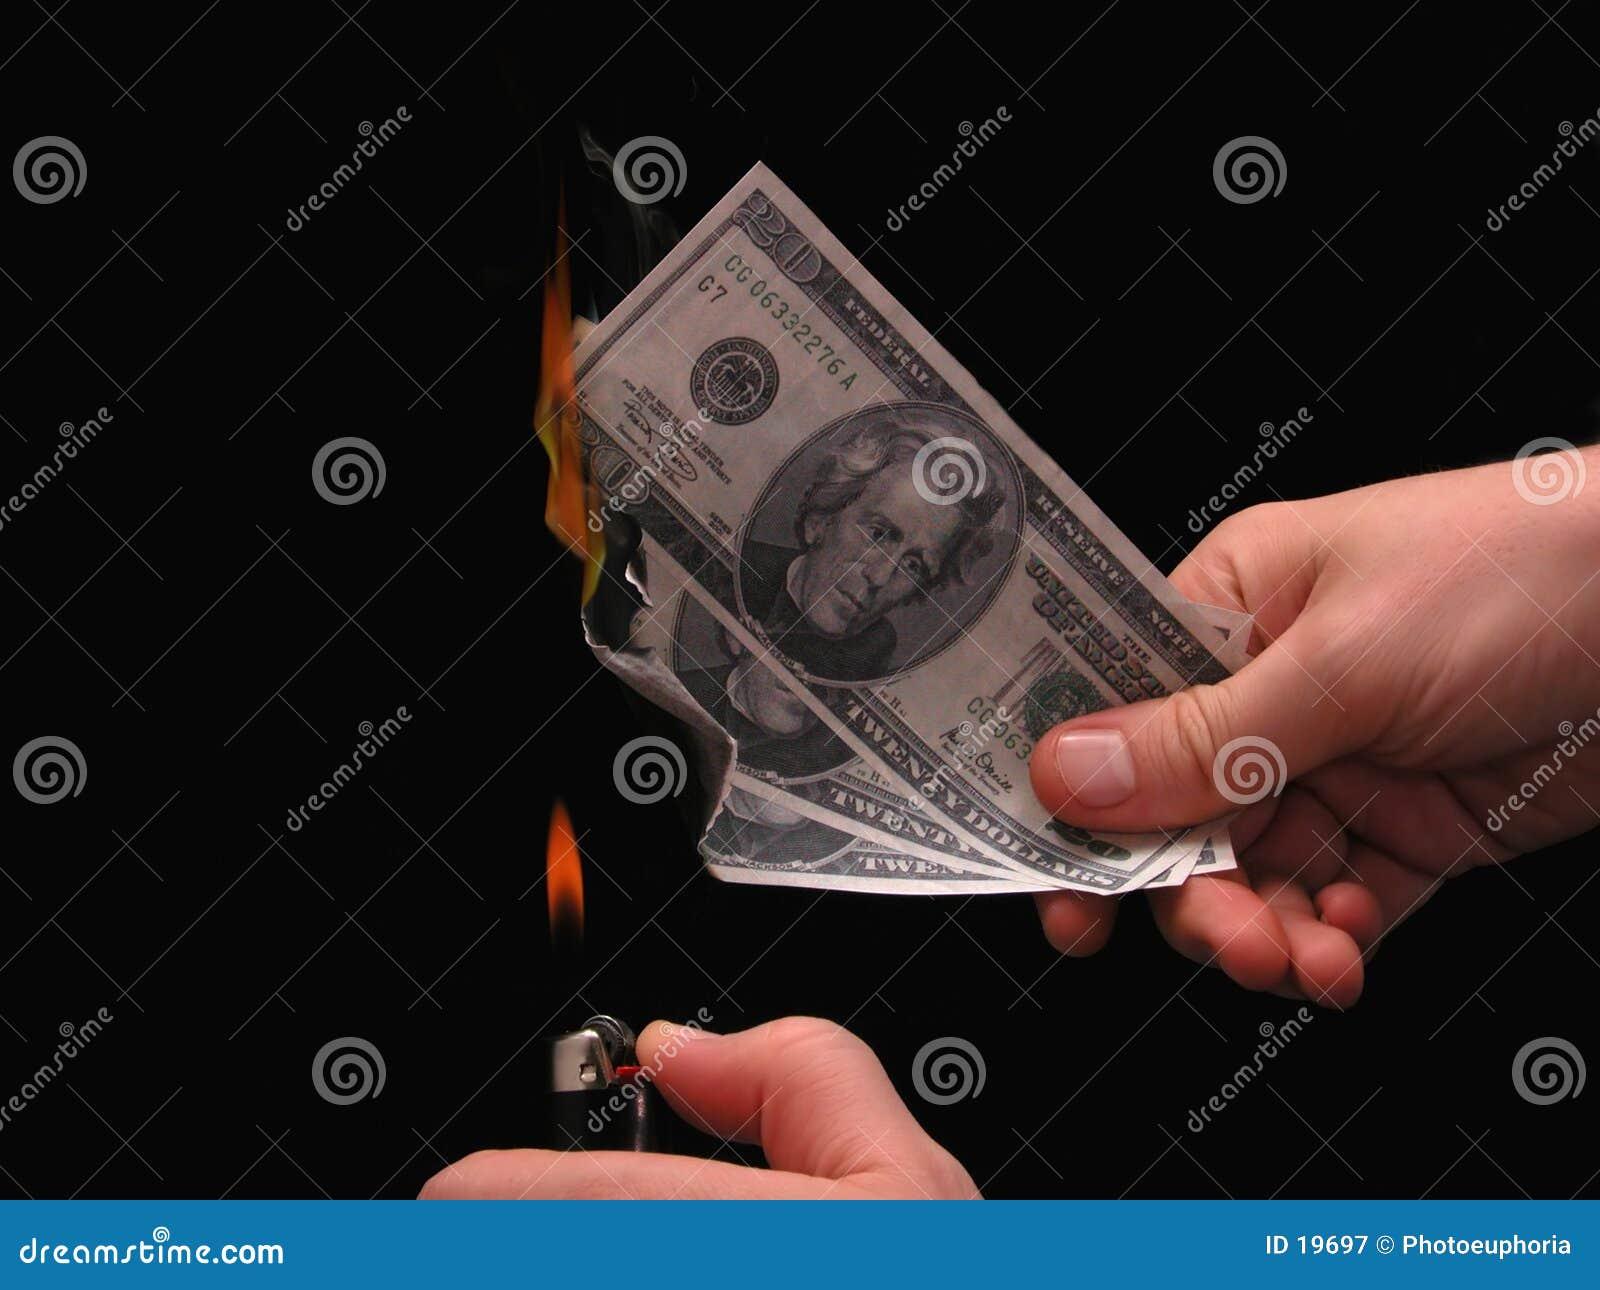 Metafora: Soldi da bruciare